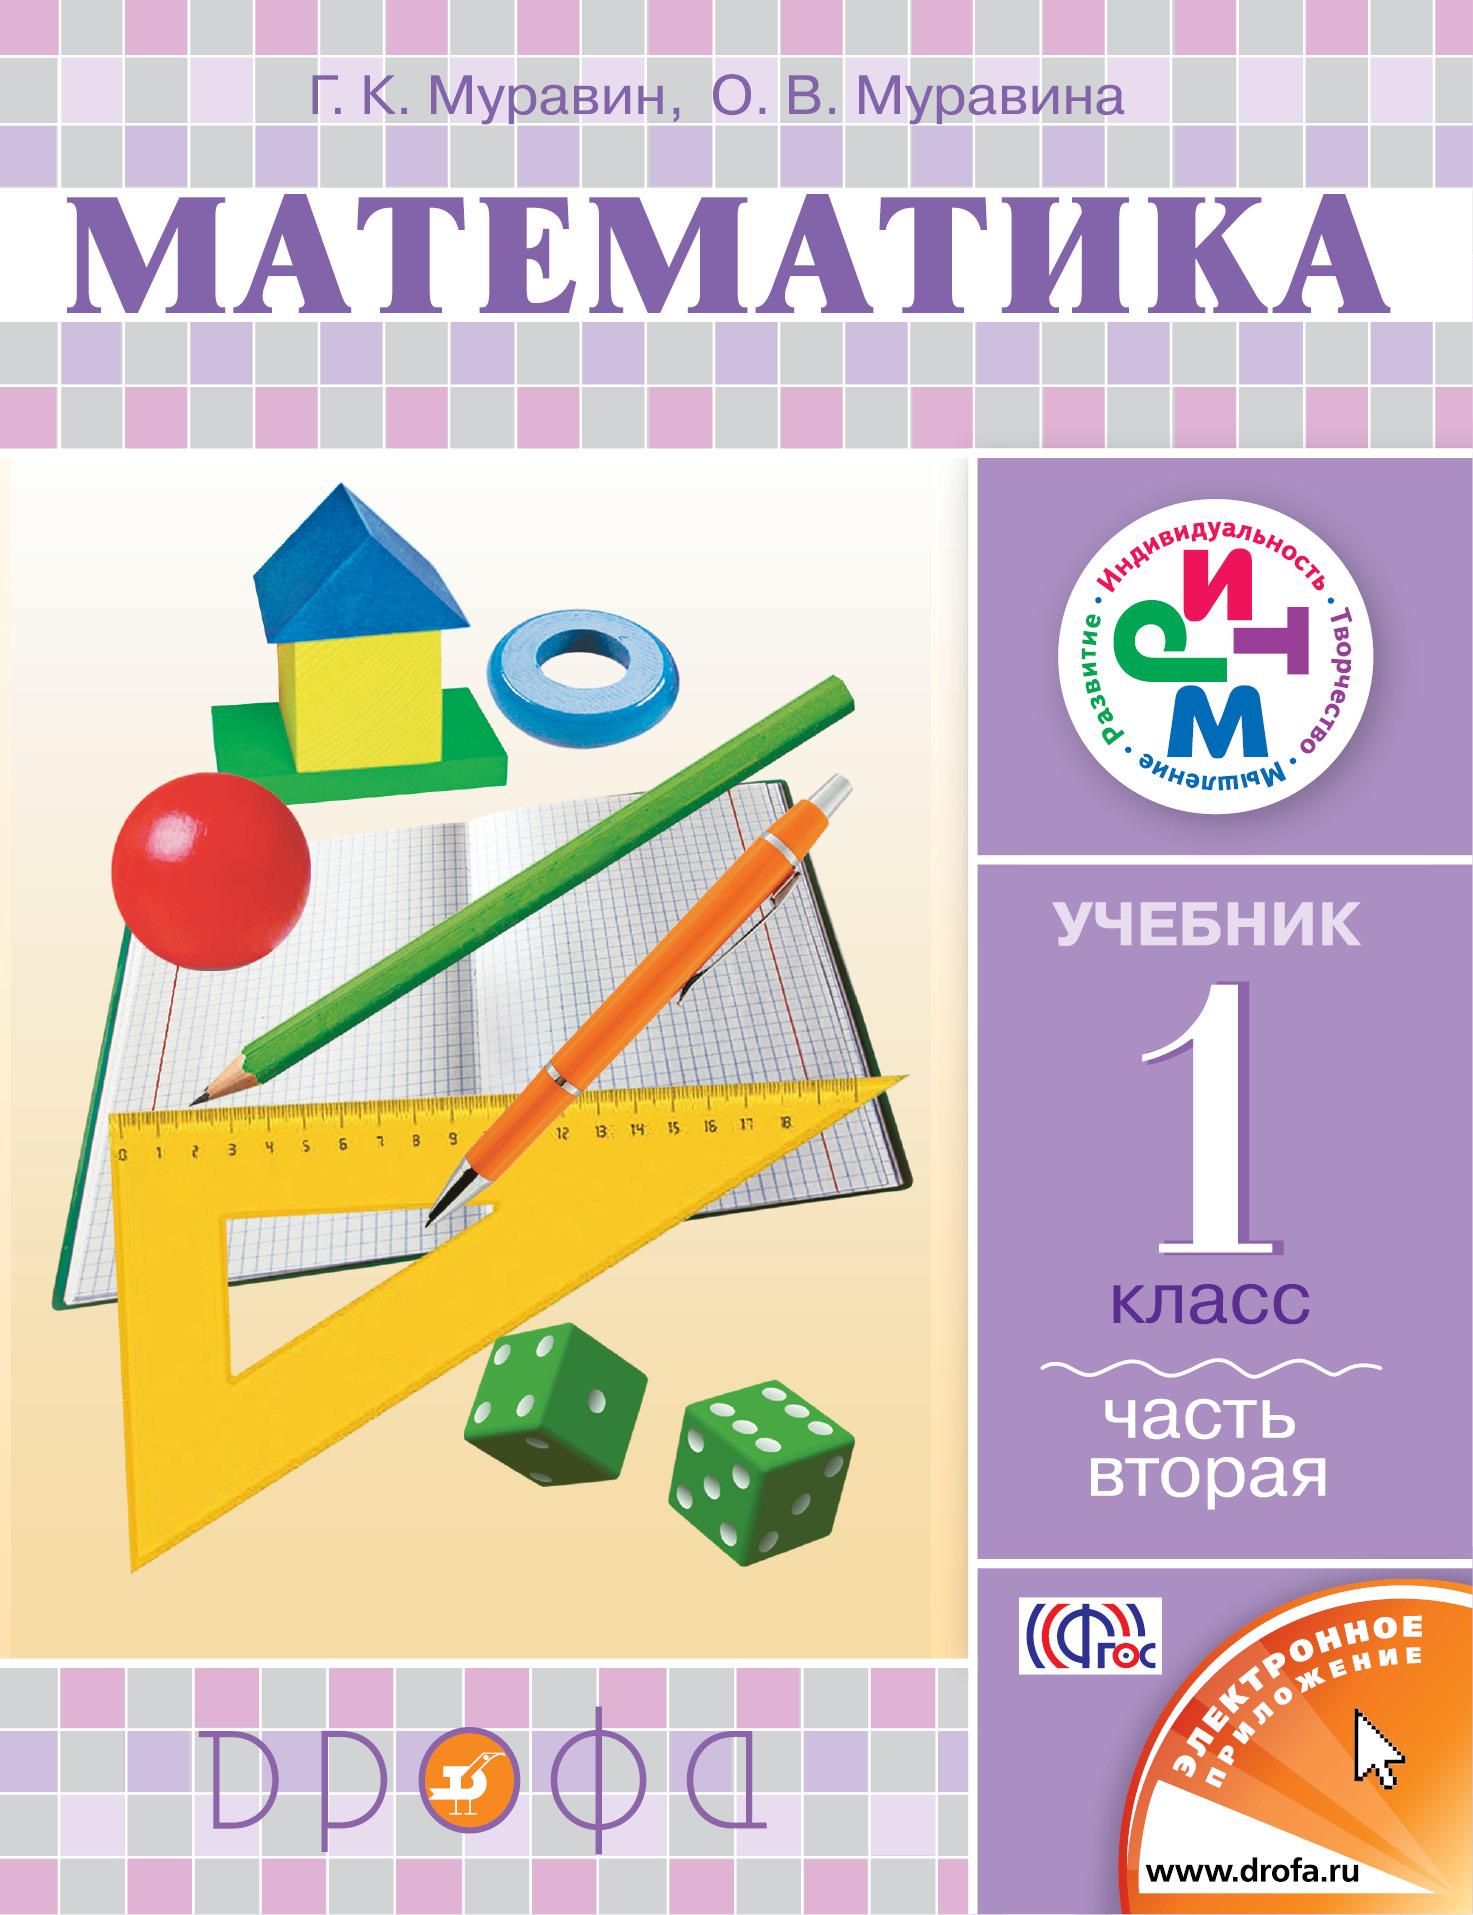 Математика 1кл [Учебник] Ч. 2 РИТМ ФП